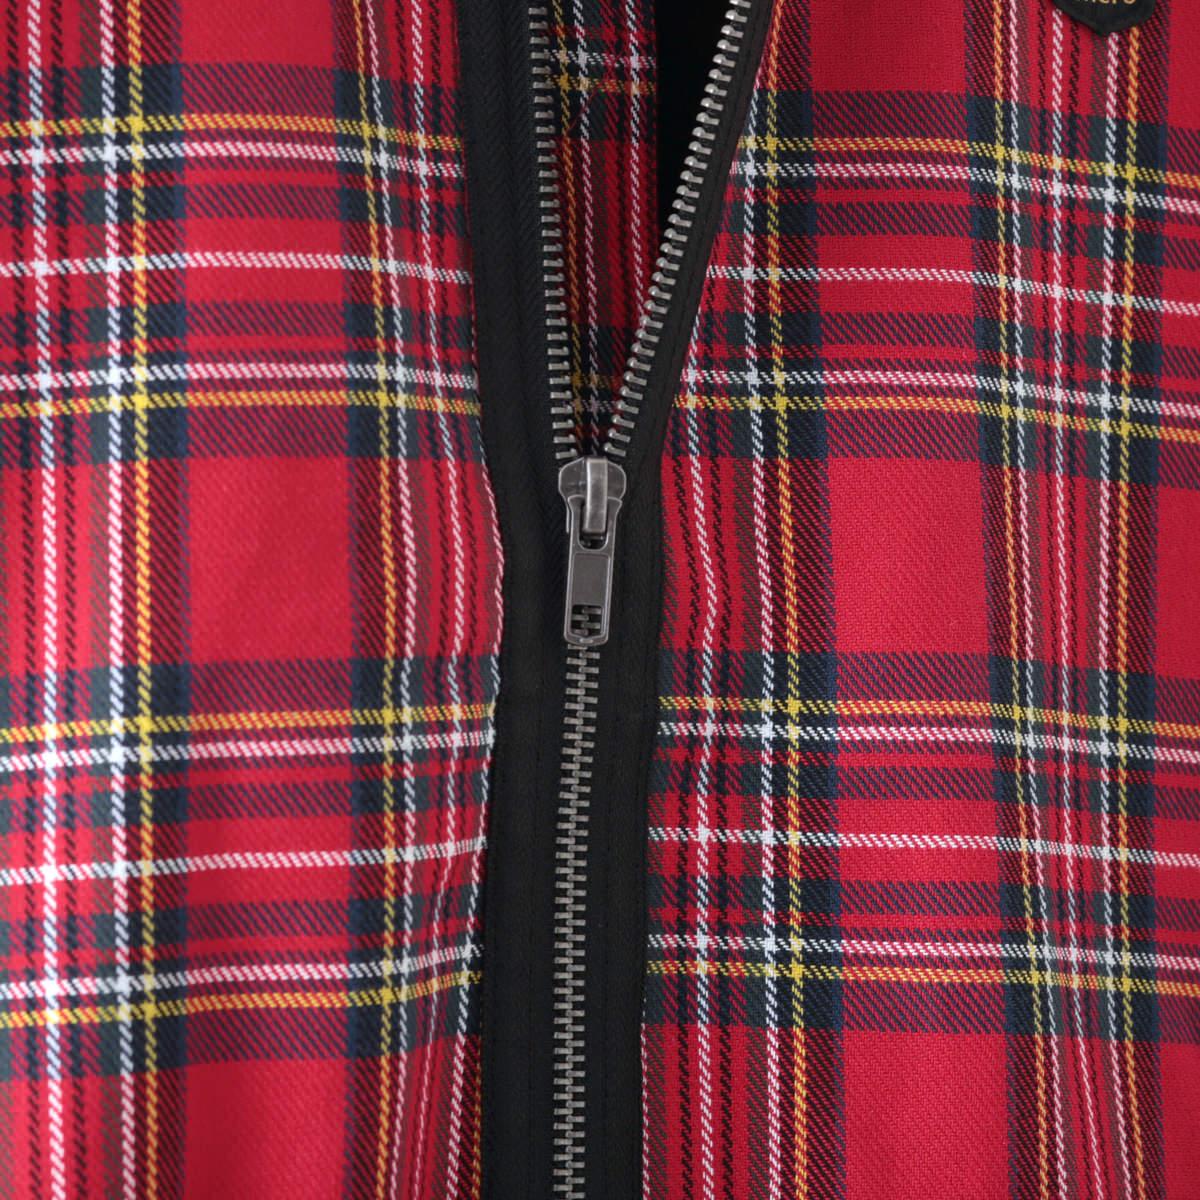 メルクロンドン メンズ ボンバージャケット タータンチェック レッド Merc London モッズファッション